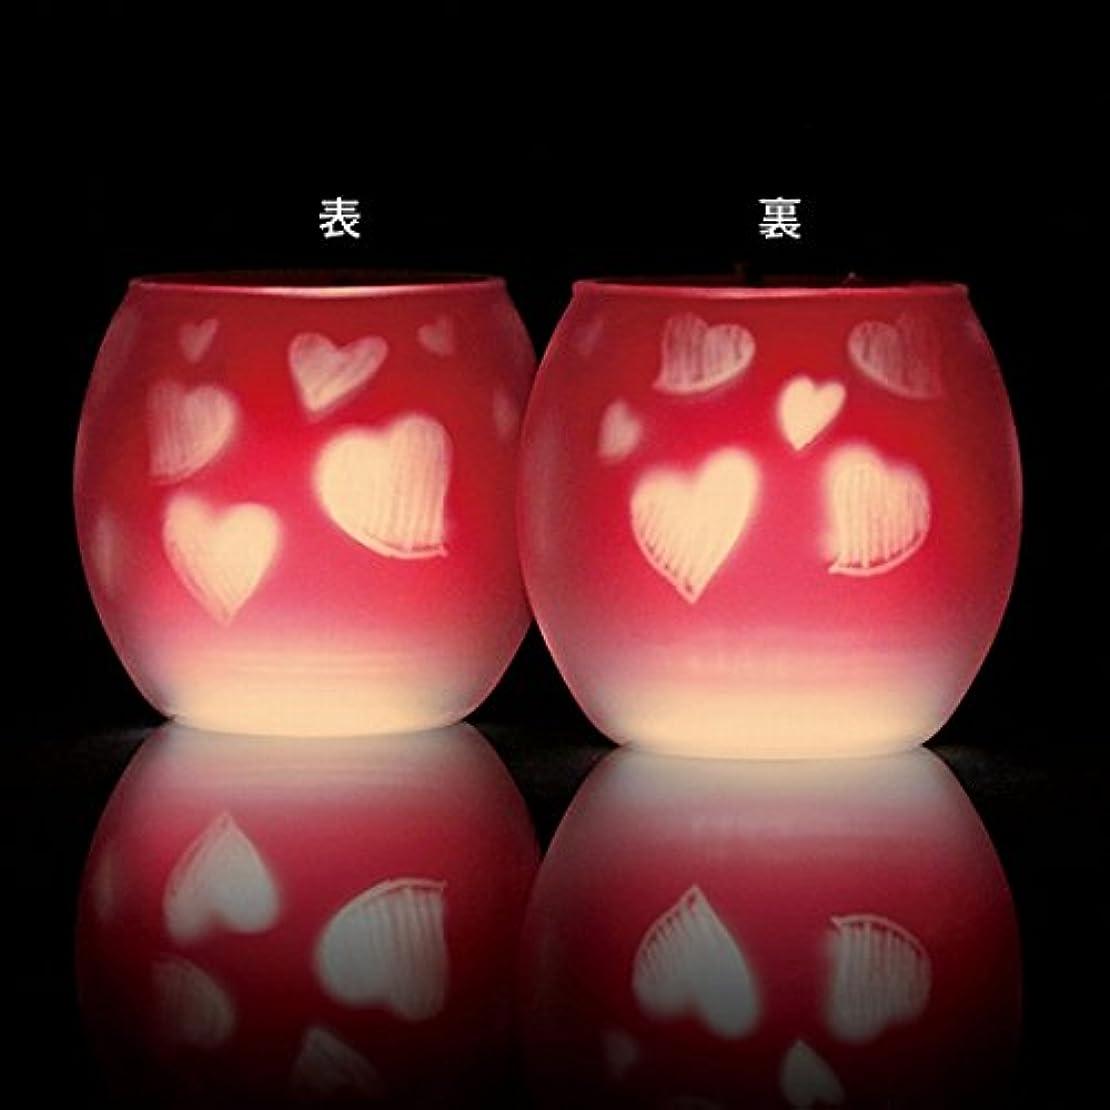 いつも寛解砦カメヤマキャンドル(kameyama candle) ファインシルエットグラス【日本製キャンドル4個付き】「スイートハート」